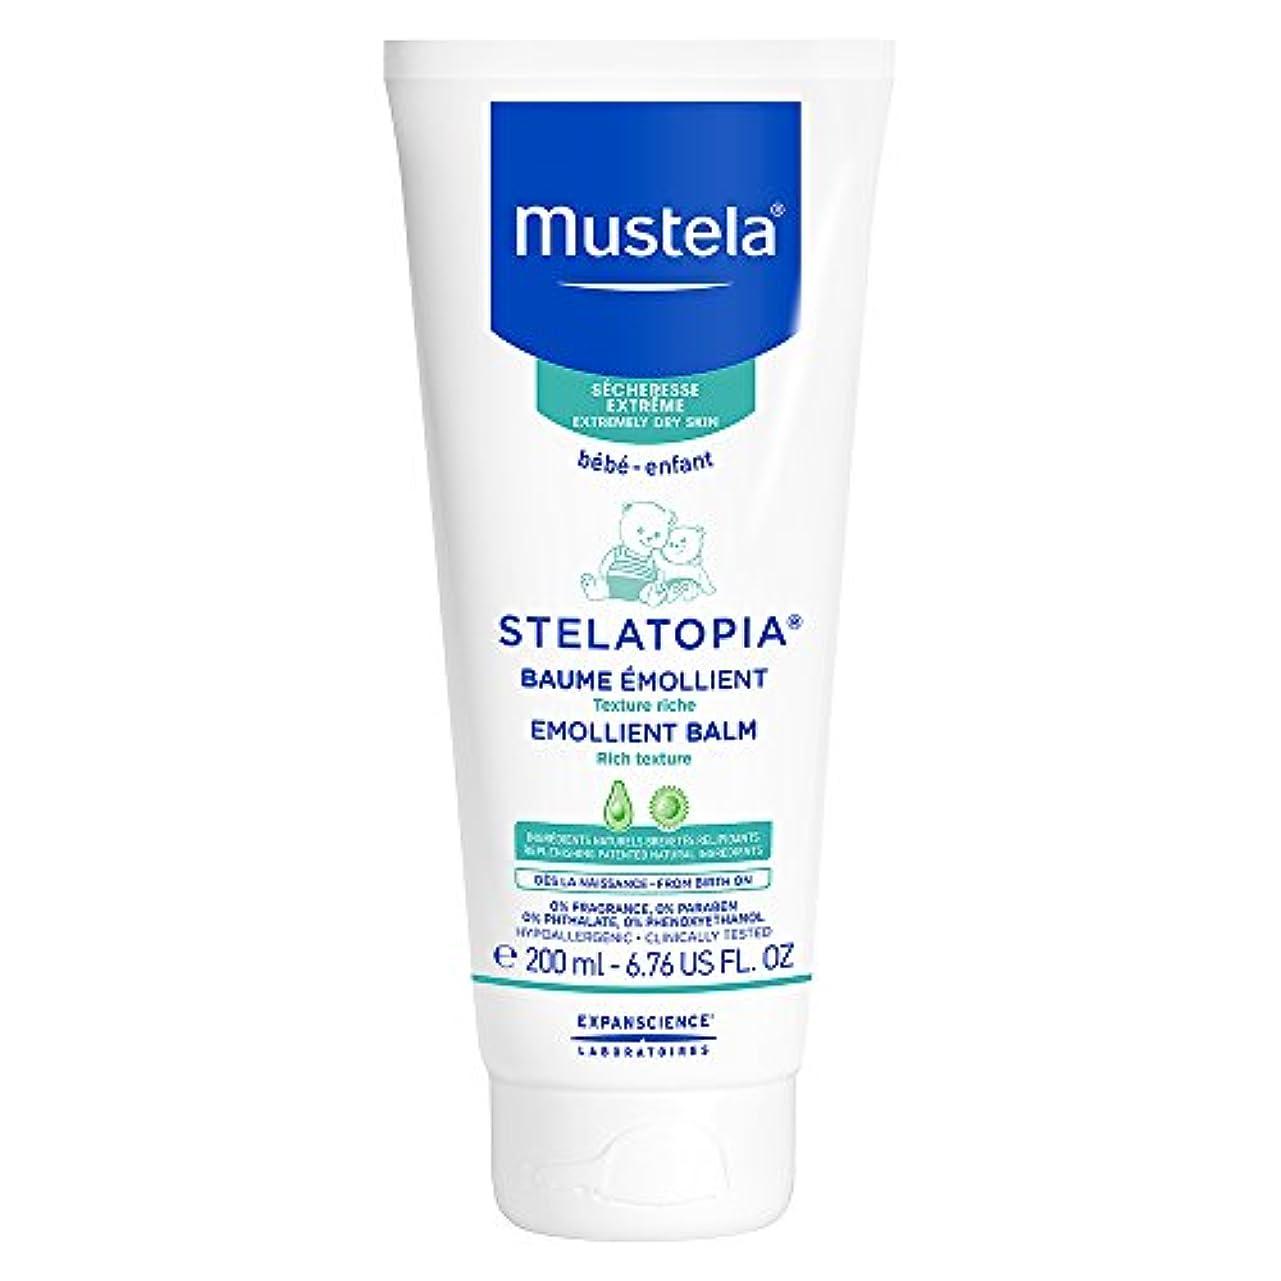 まで田舎九月Mustela - Stelatopia Emollient Balm (6.76 oz.)